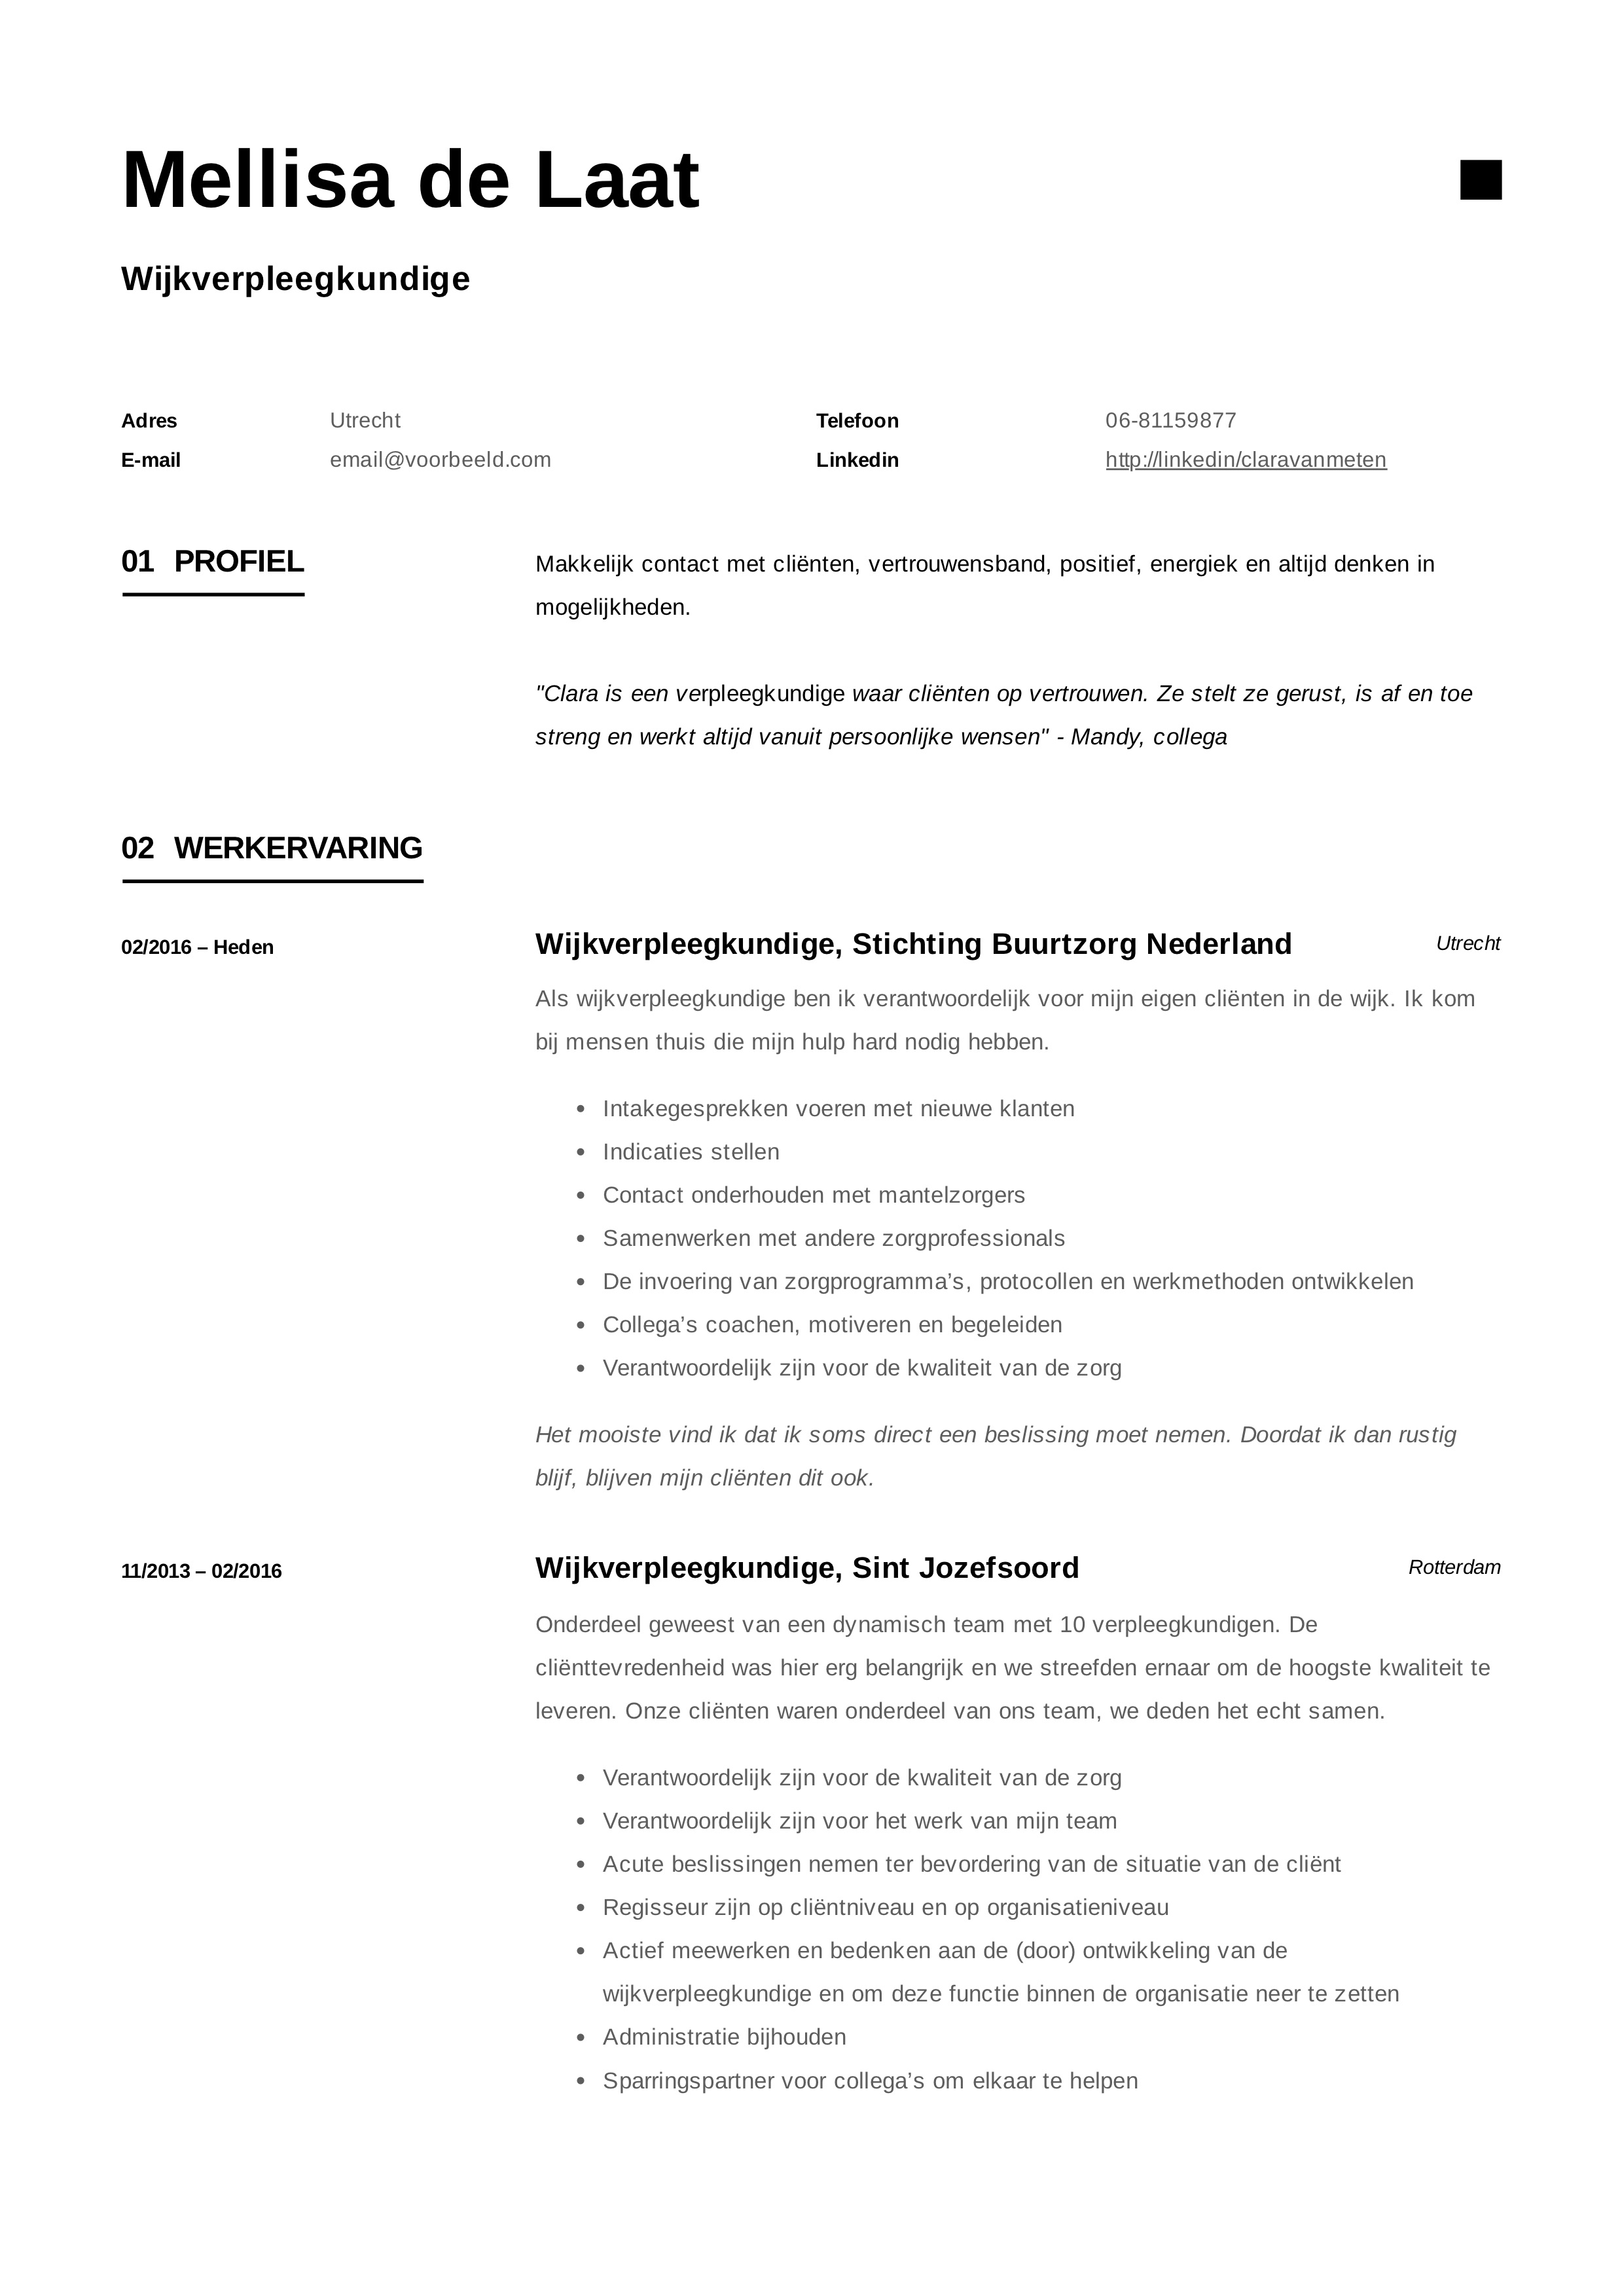 Mellisa_de_Laat_-_CV_-_Wijkverpleegkundige (10)